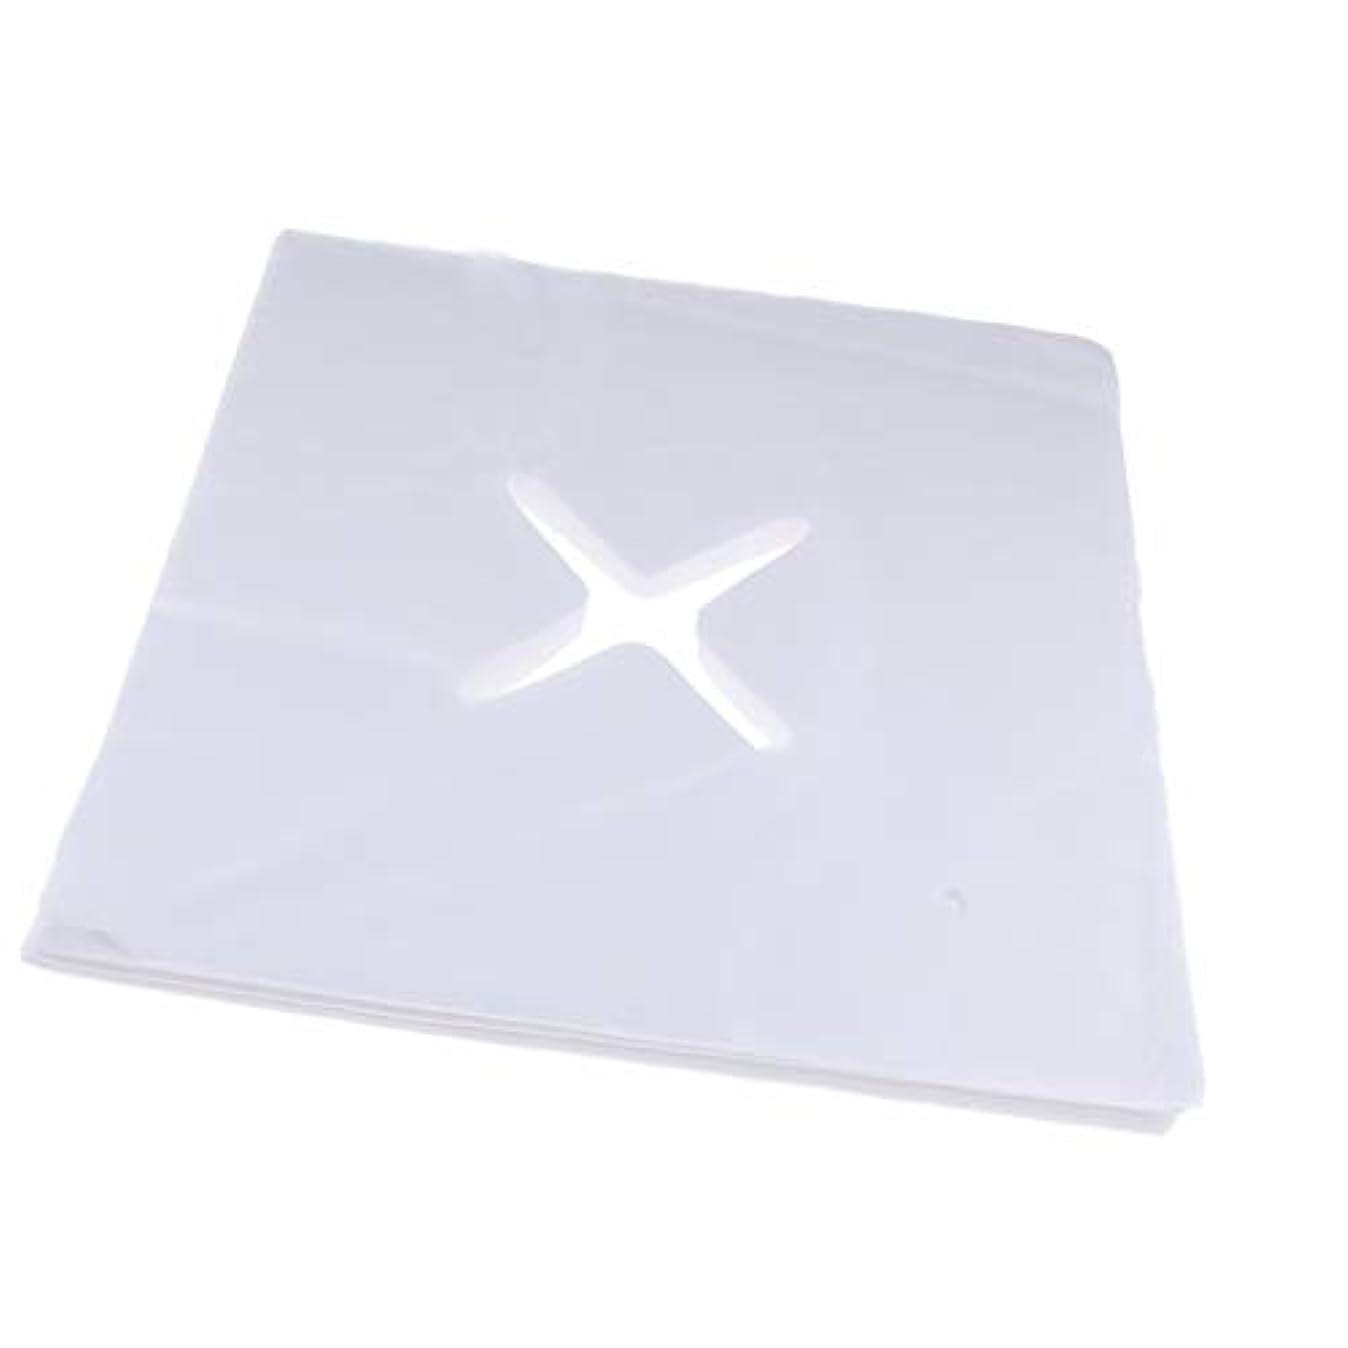 彼ら取り組む道を作る約200枚 ピローシート 十字カット 使い捨て フェイスカバー 不織布PP クッション S/M - S